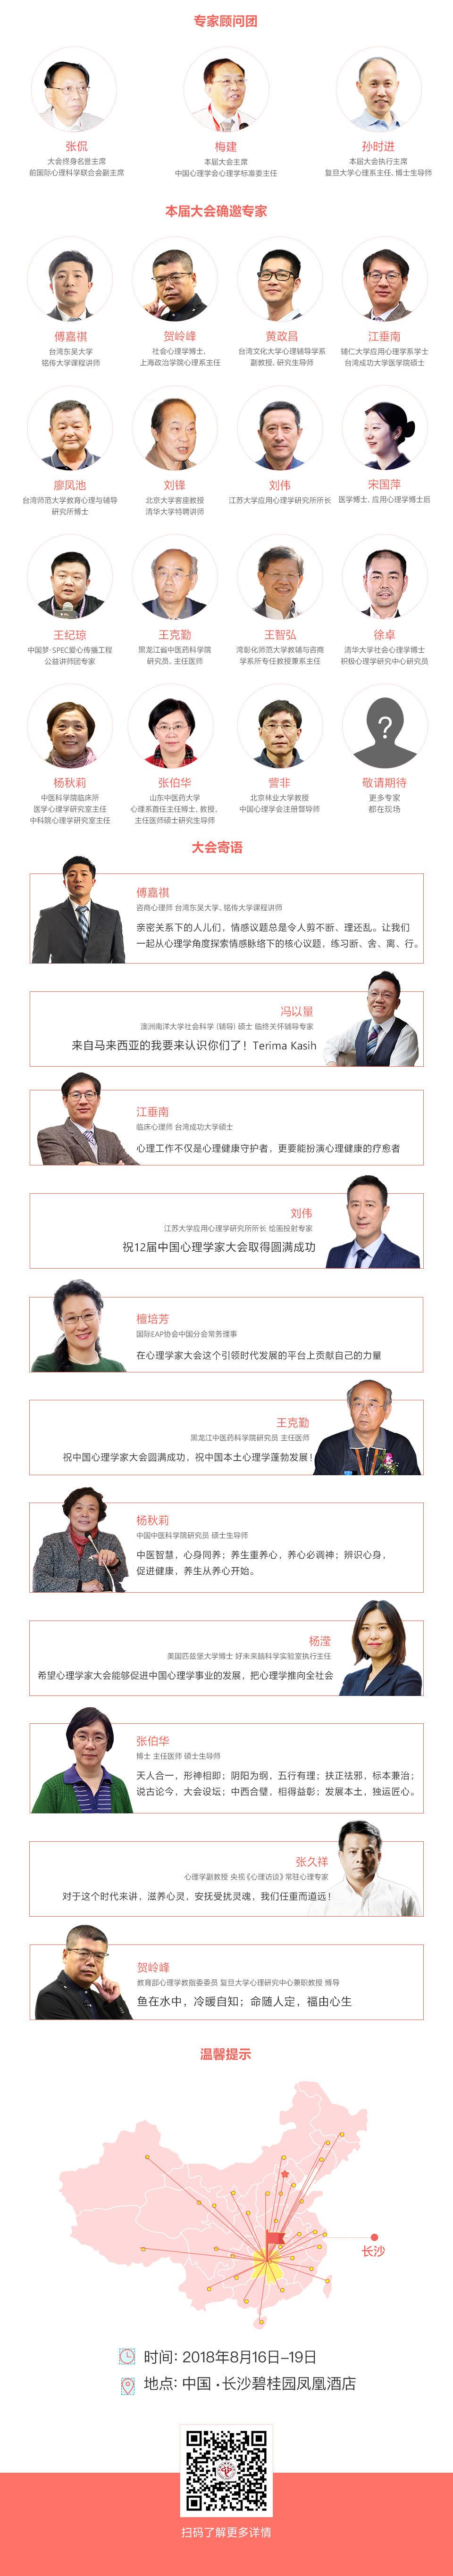 第十二届大会日程